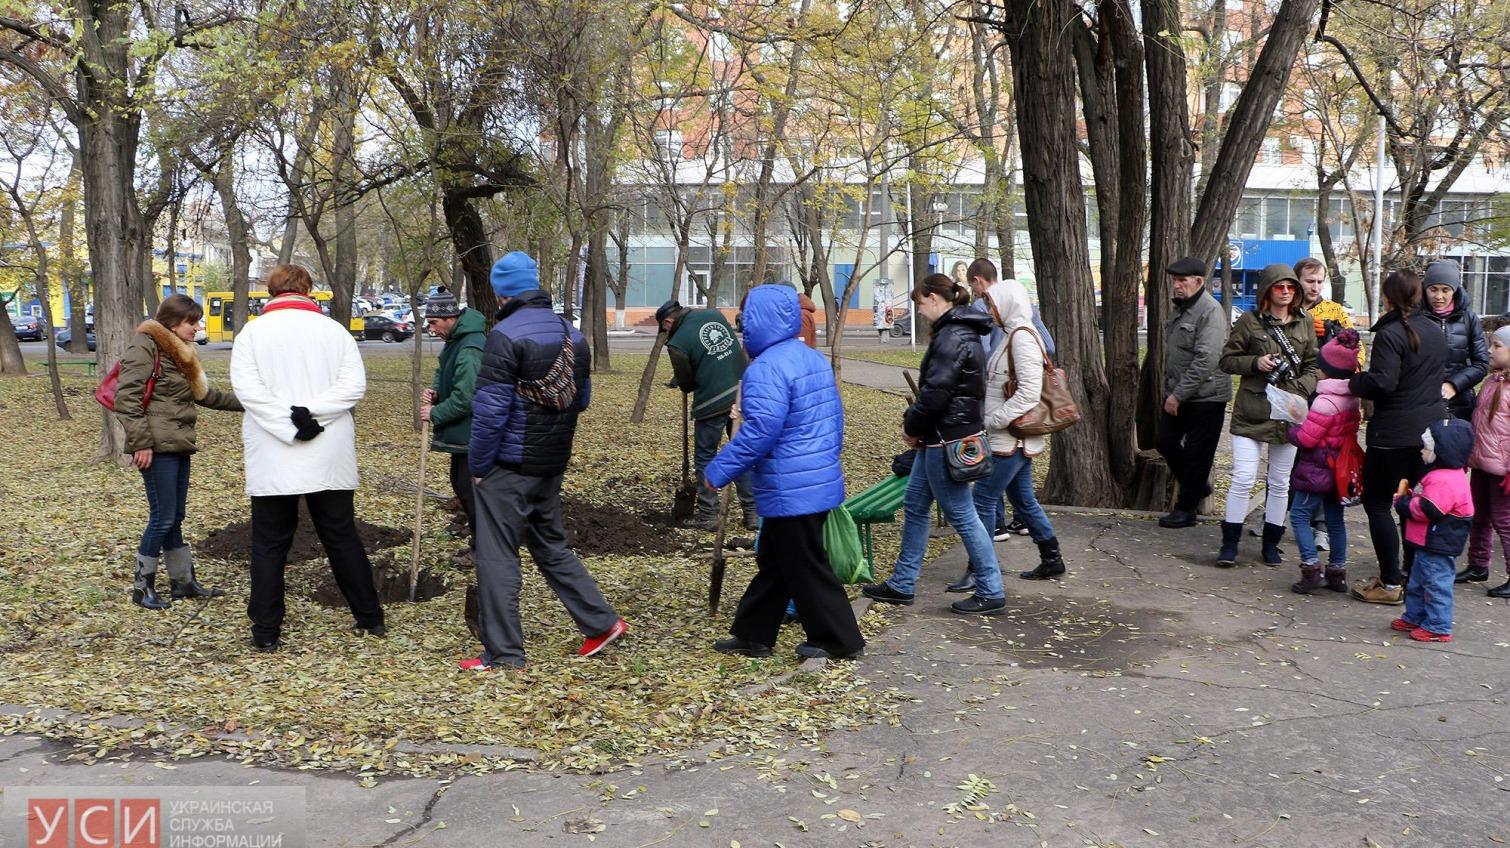 В Одессе появилась «Аллея мира»: переселенцы высадили в городе новые деревья (фоторепортаж) «фото»